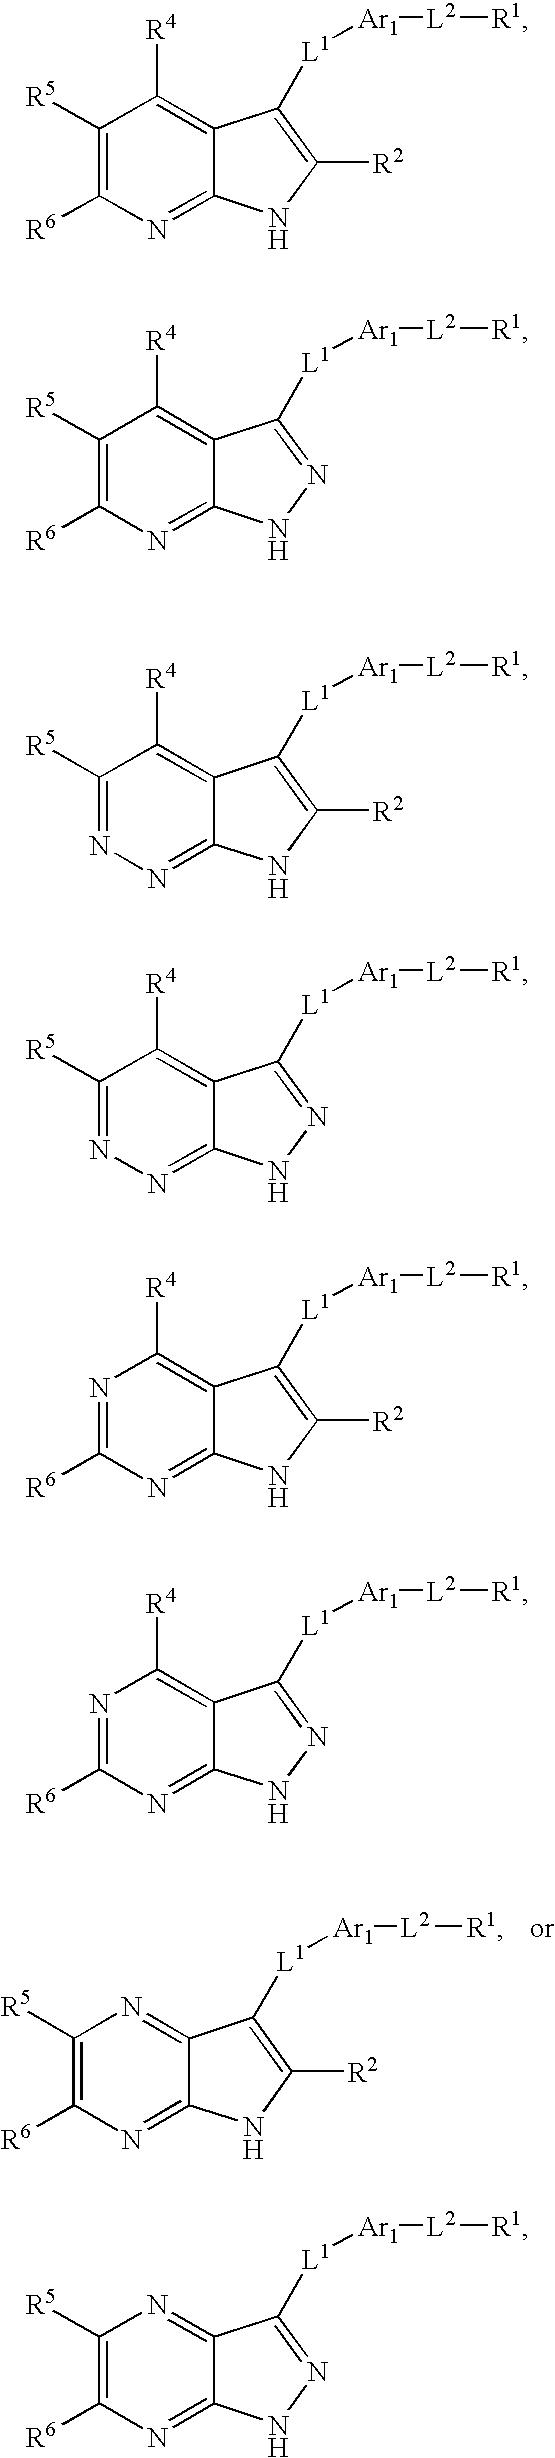 Figure US20070032519A1-20070208-C00008